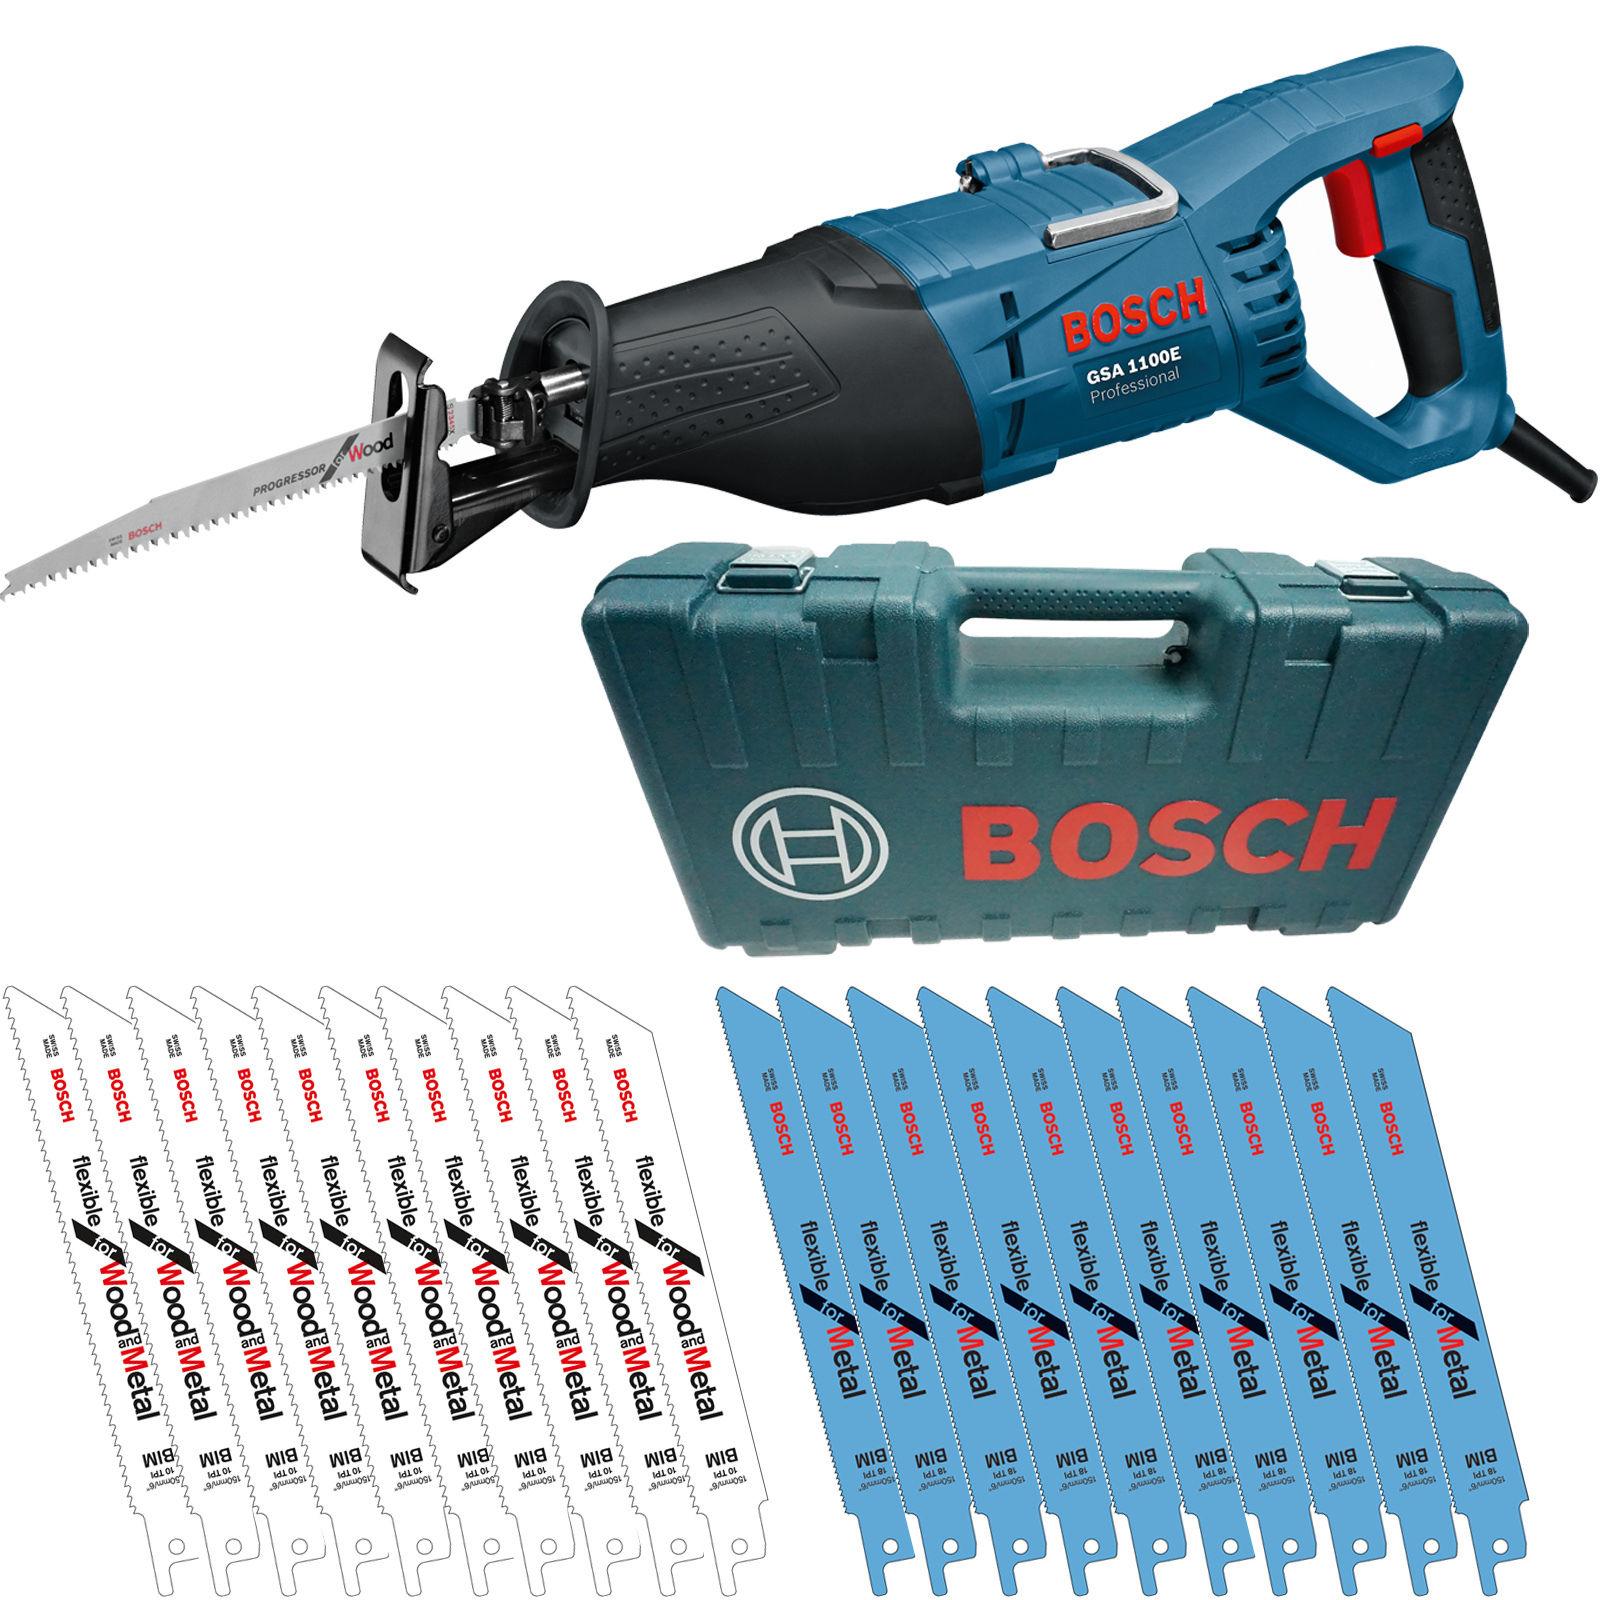 Bosch Gsa 1100 E : bosch gsa 1100 e professional 20 pj kleli ~ Frokenaadalensverden.com Haus und Dekorationen